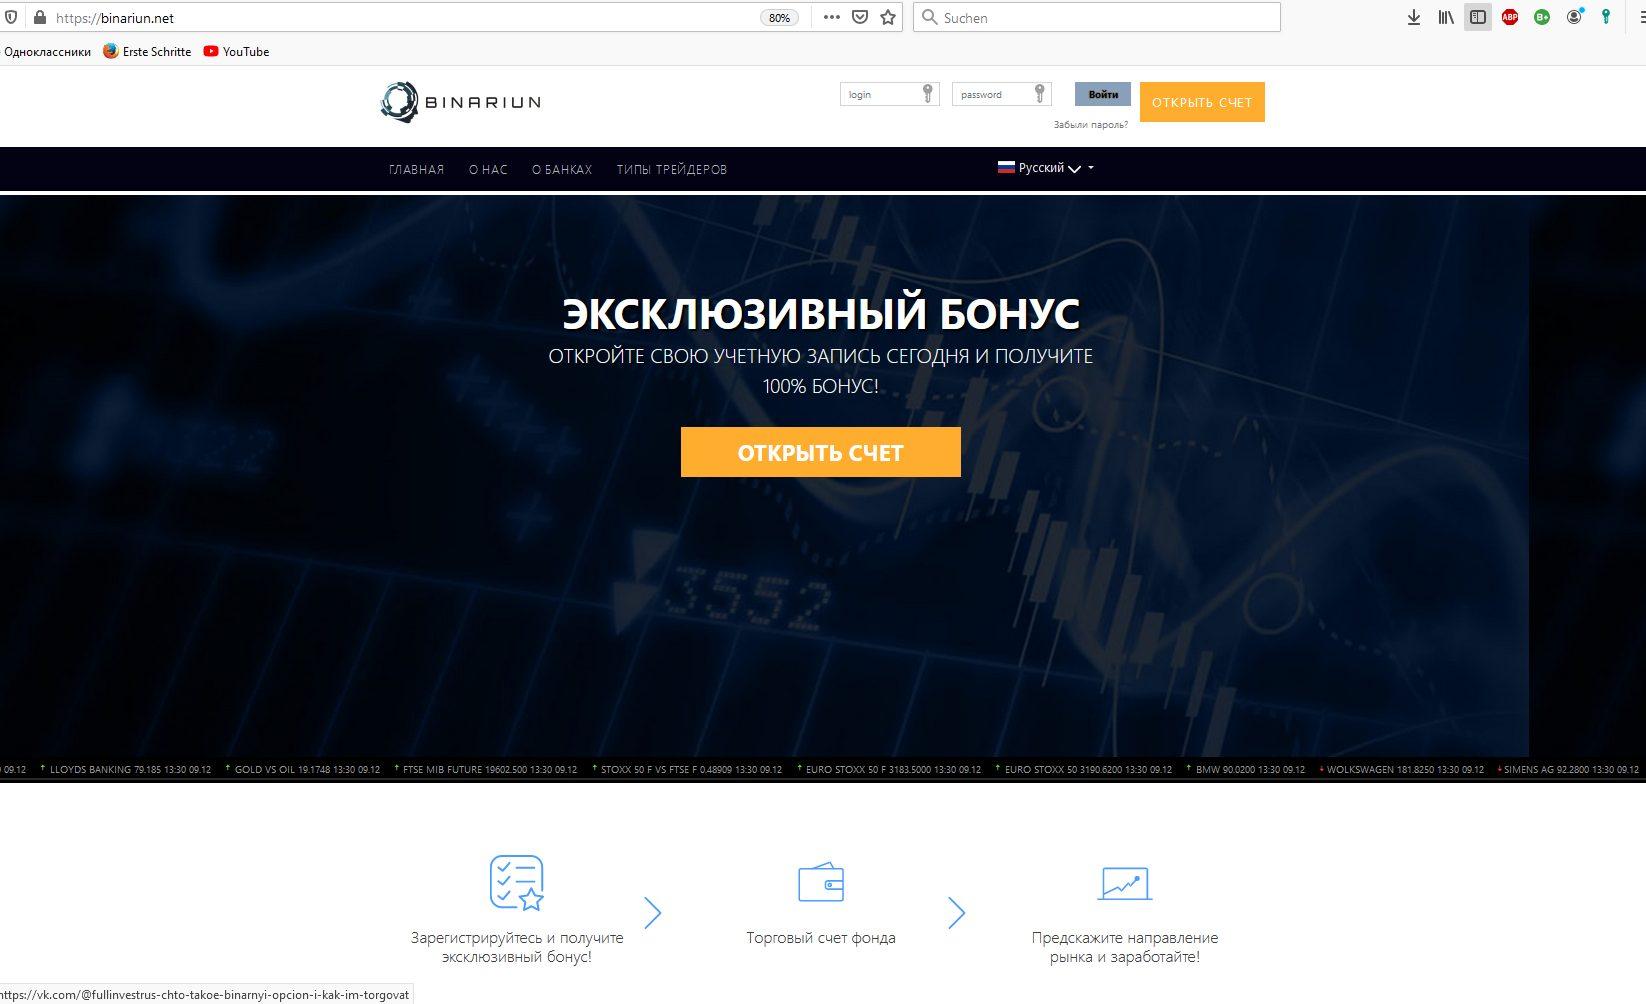 Главная страница брокера Binariun